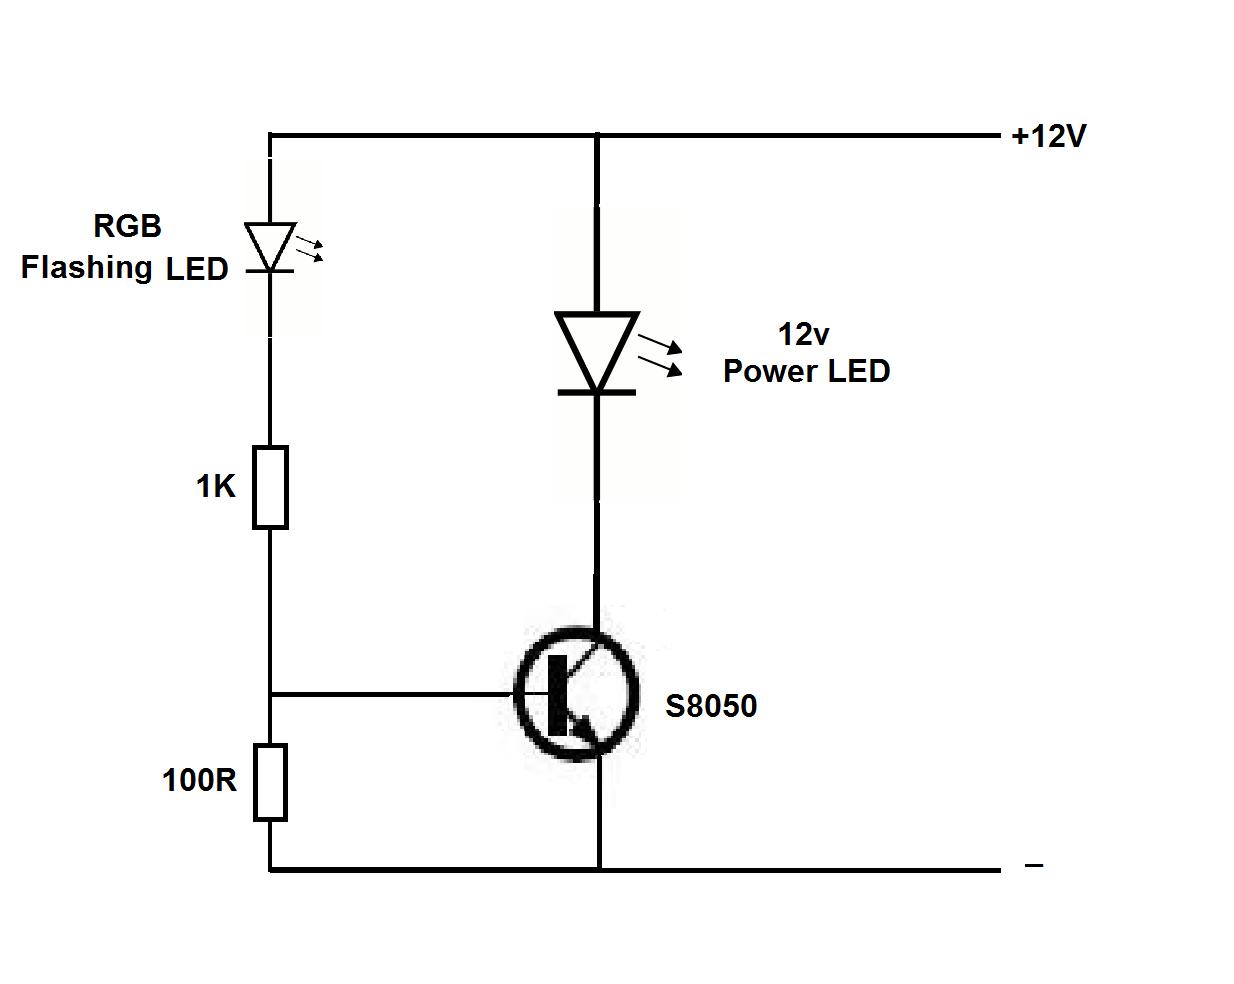 blinking led ckt diagram schematics online led flasher circuit blinking led ckt diagram wiring